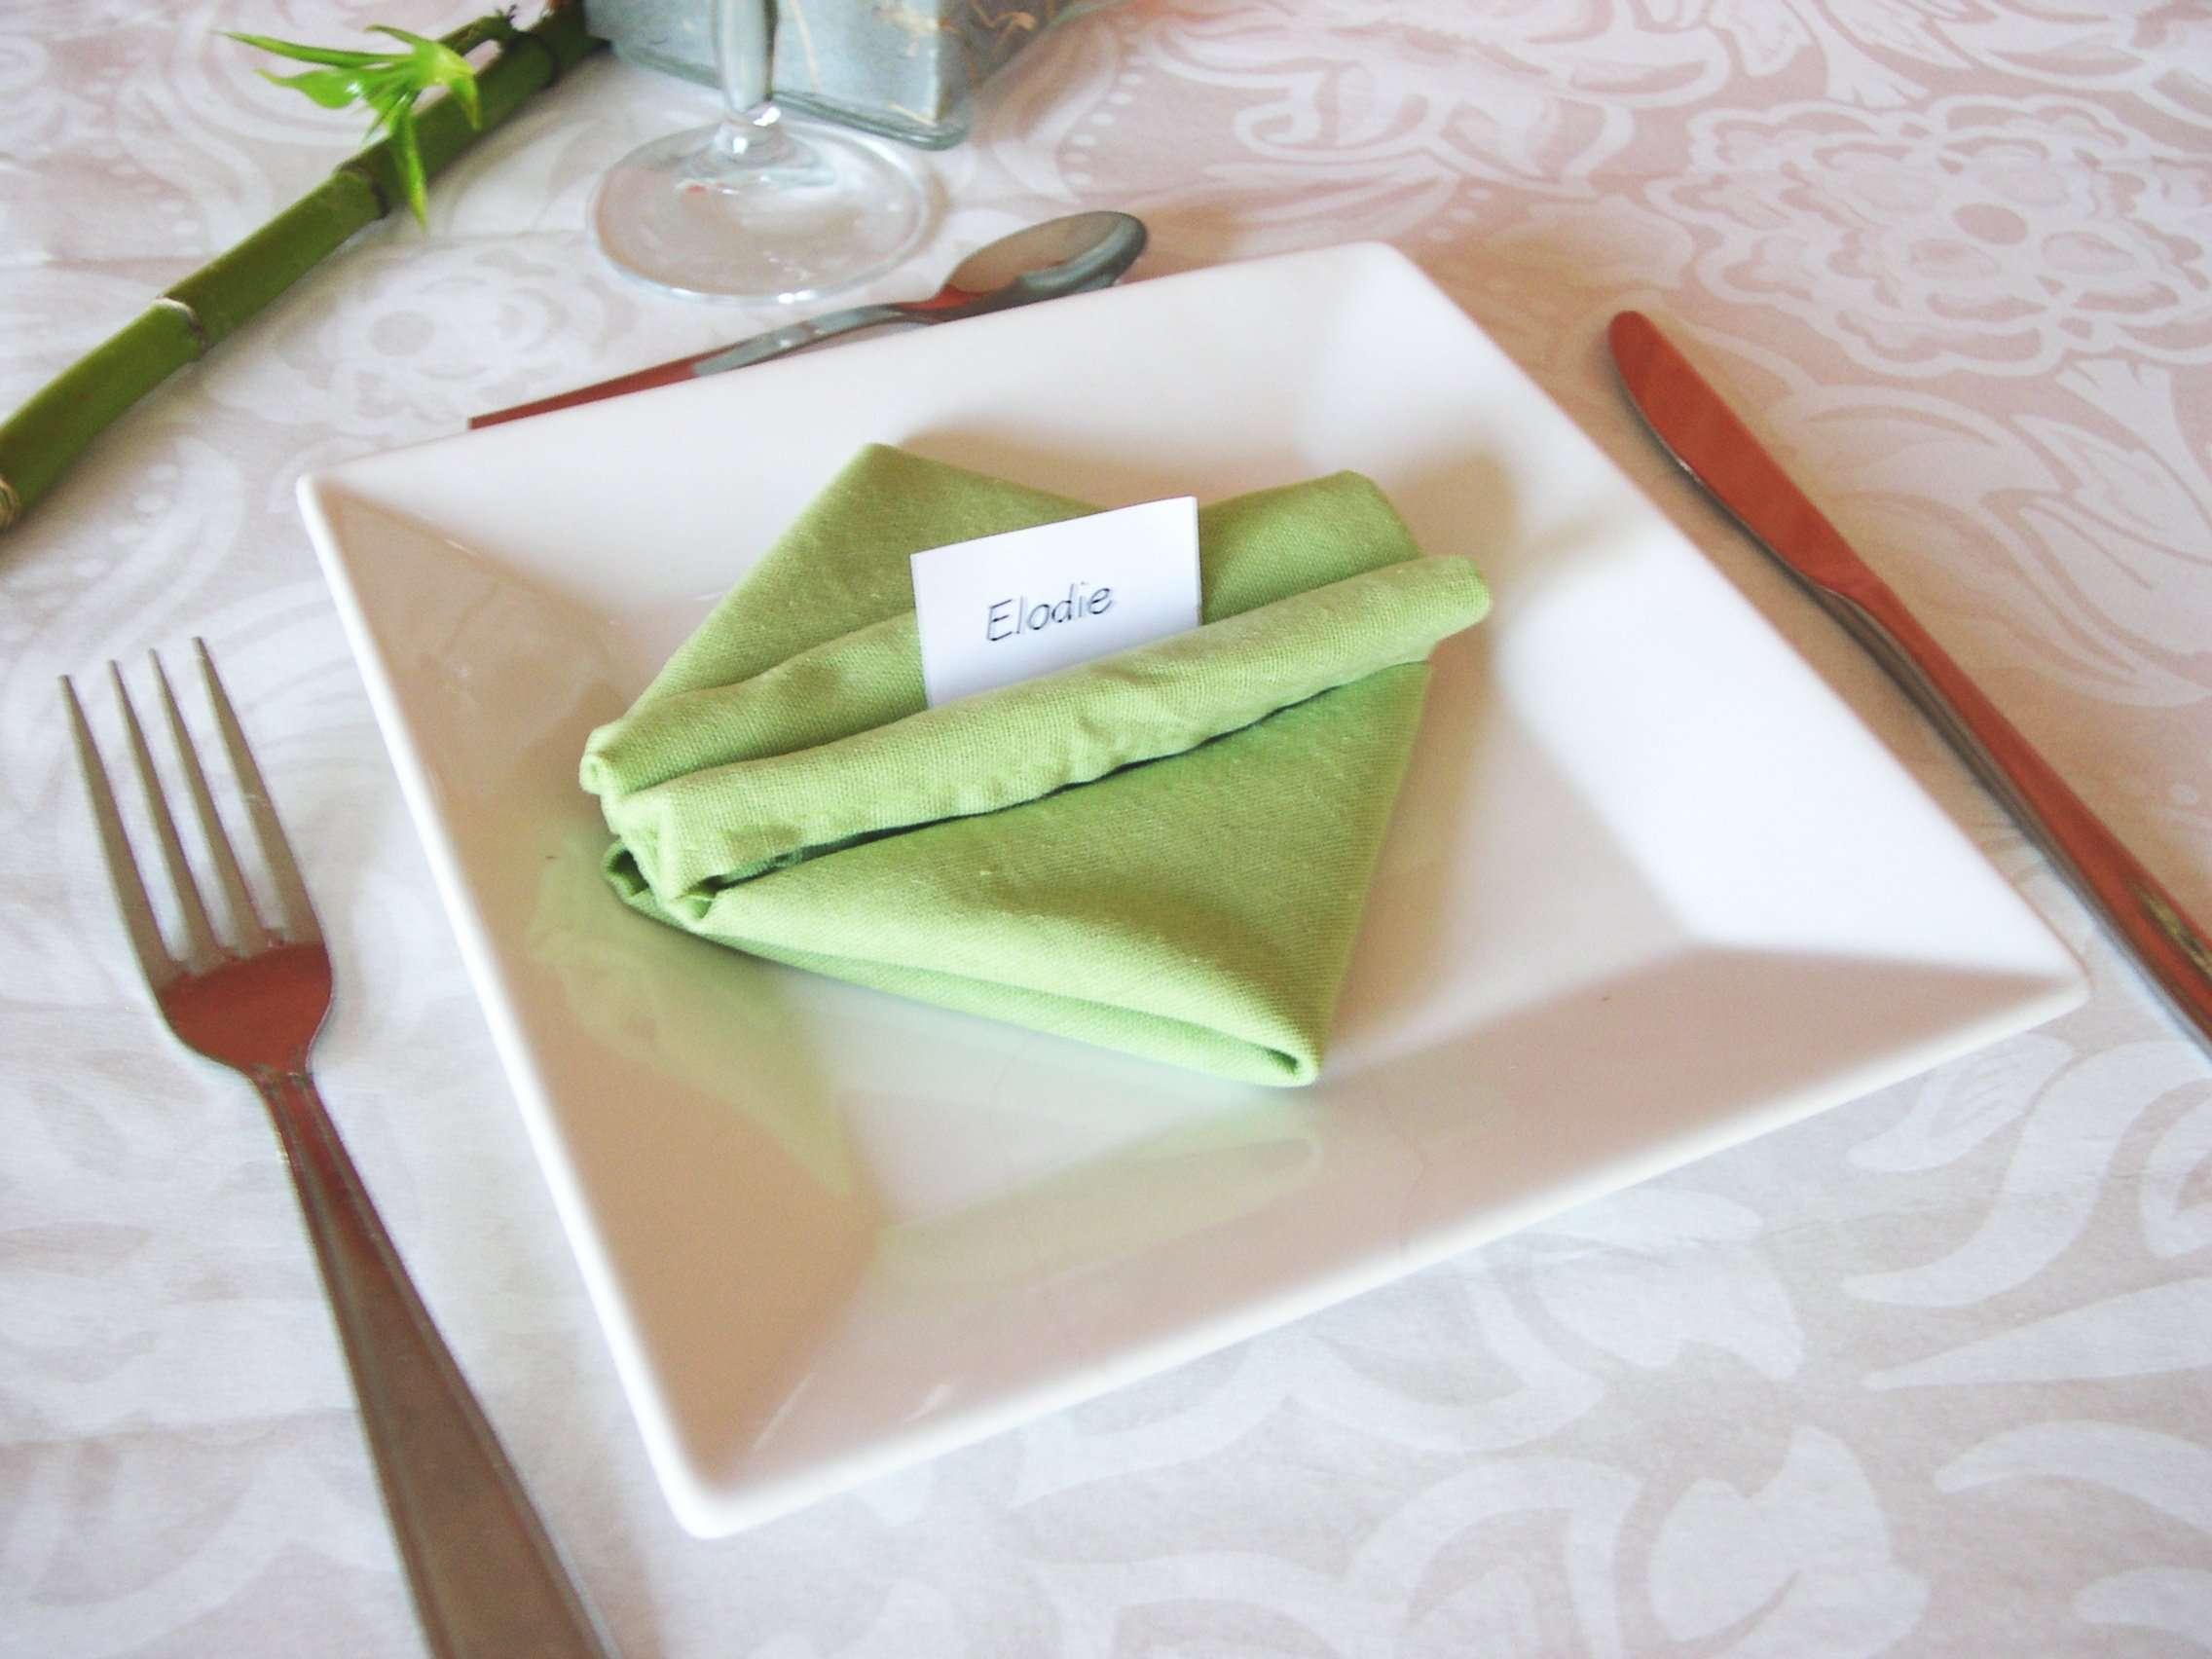 decoration mariage thème asie zen pliage serviette bourse de soie